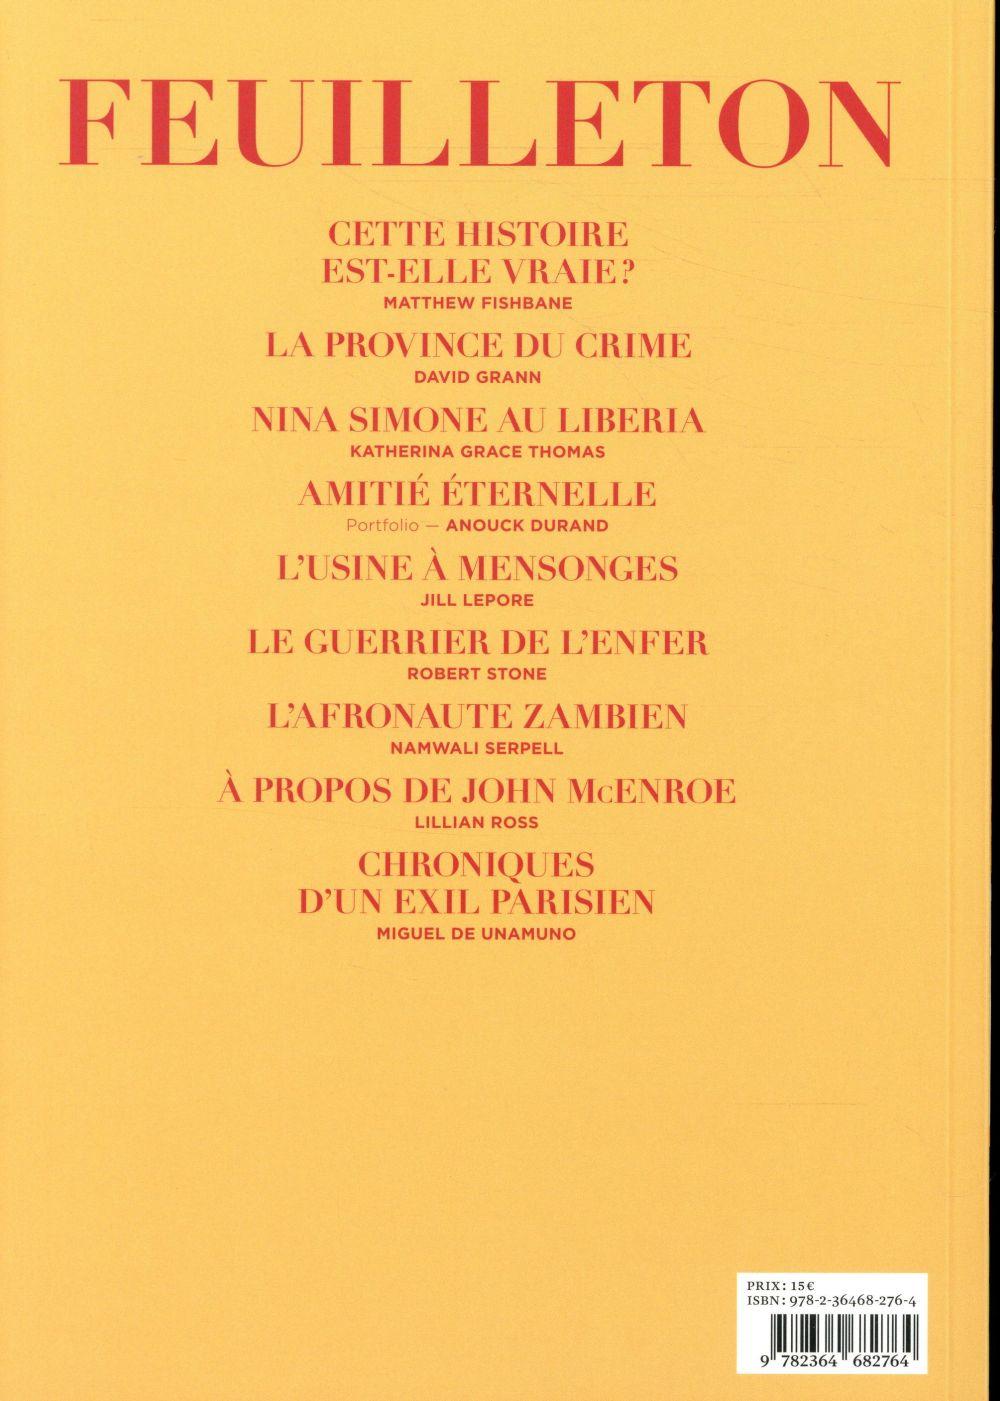 Revue feuilleton n.22